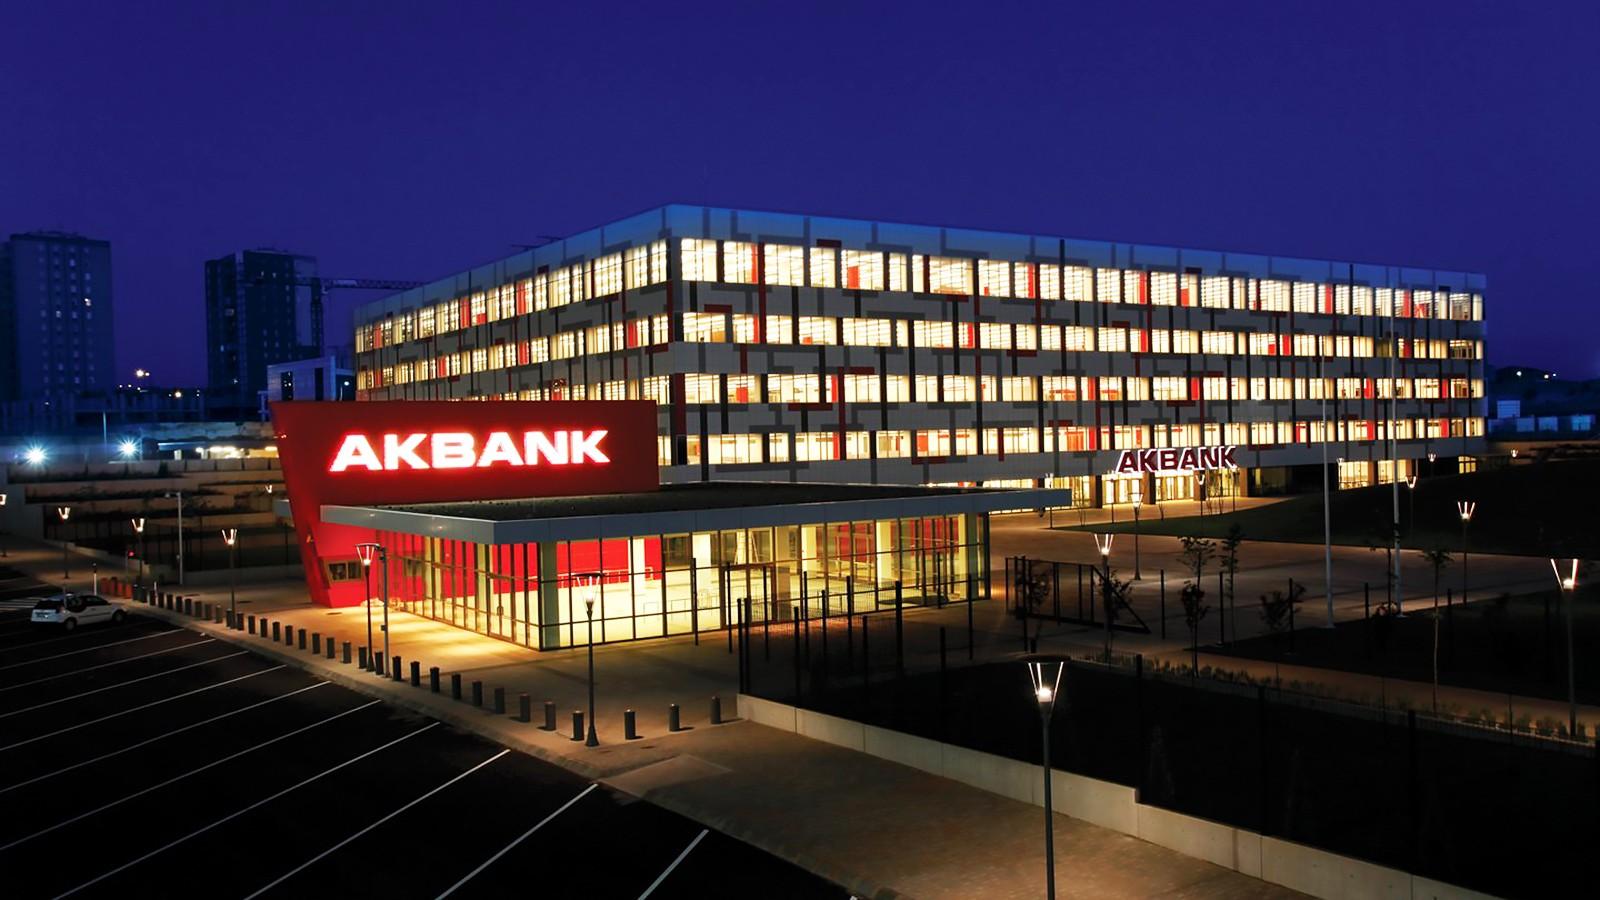 Sistem arızası yaşayan Akbank'tan yeni açıklama